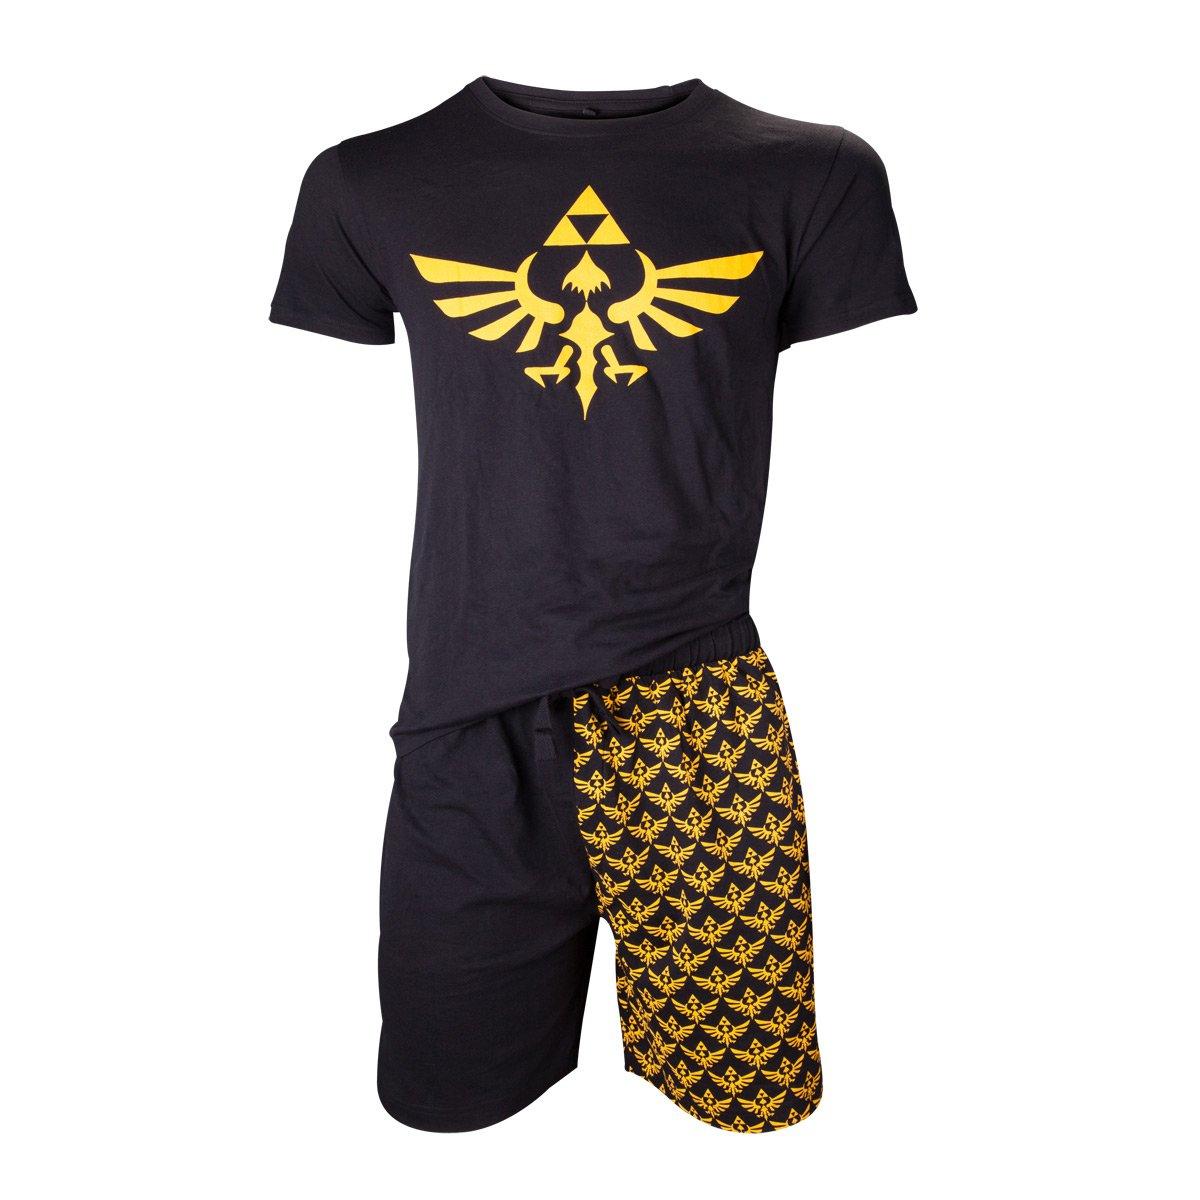 NINTENDO Legend of Zelda Shortama ropa de dormir Set (Pequeño, Negro / Oro): Amazon.es: Electrónica